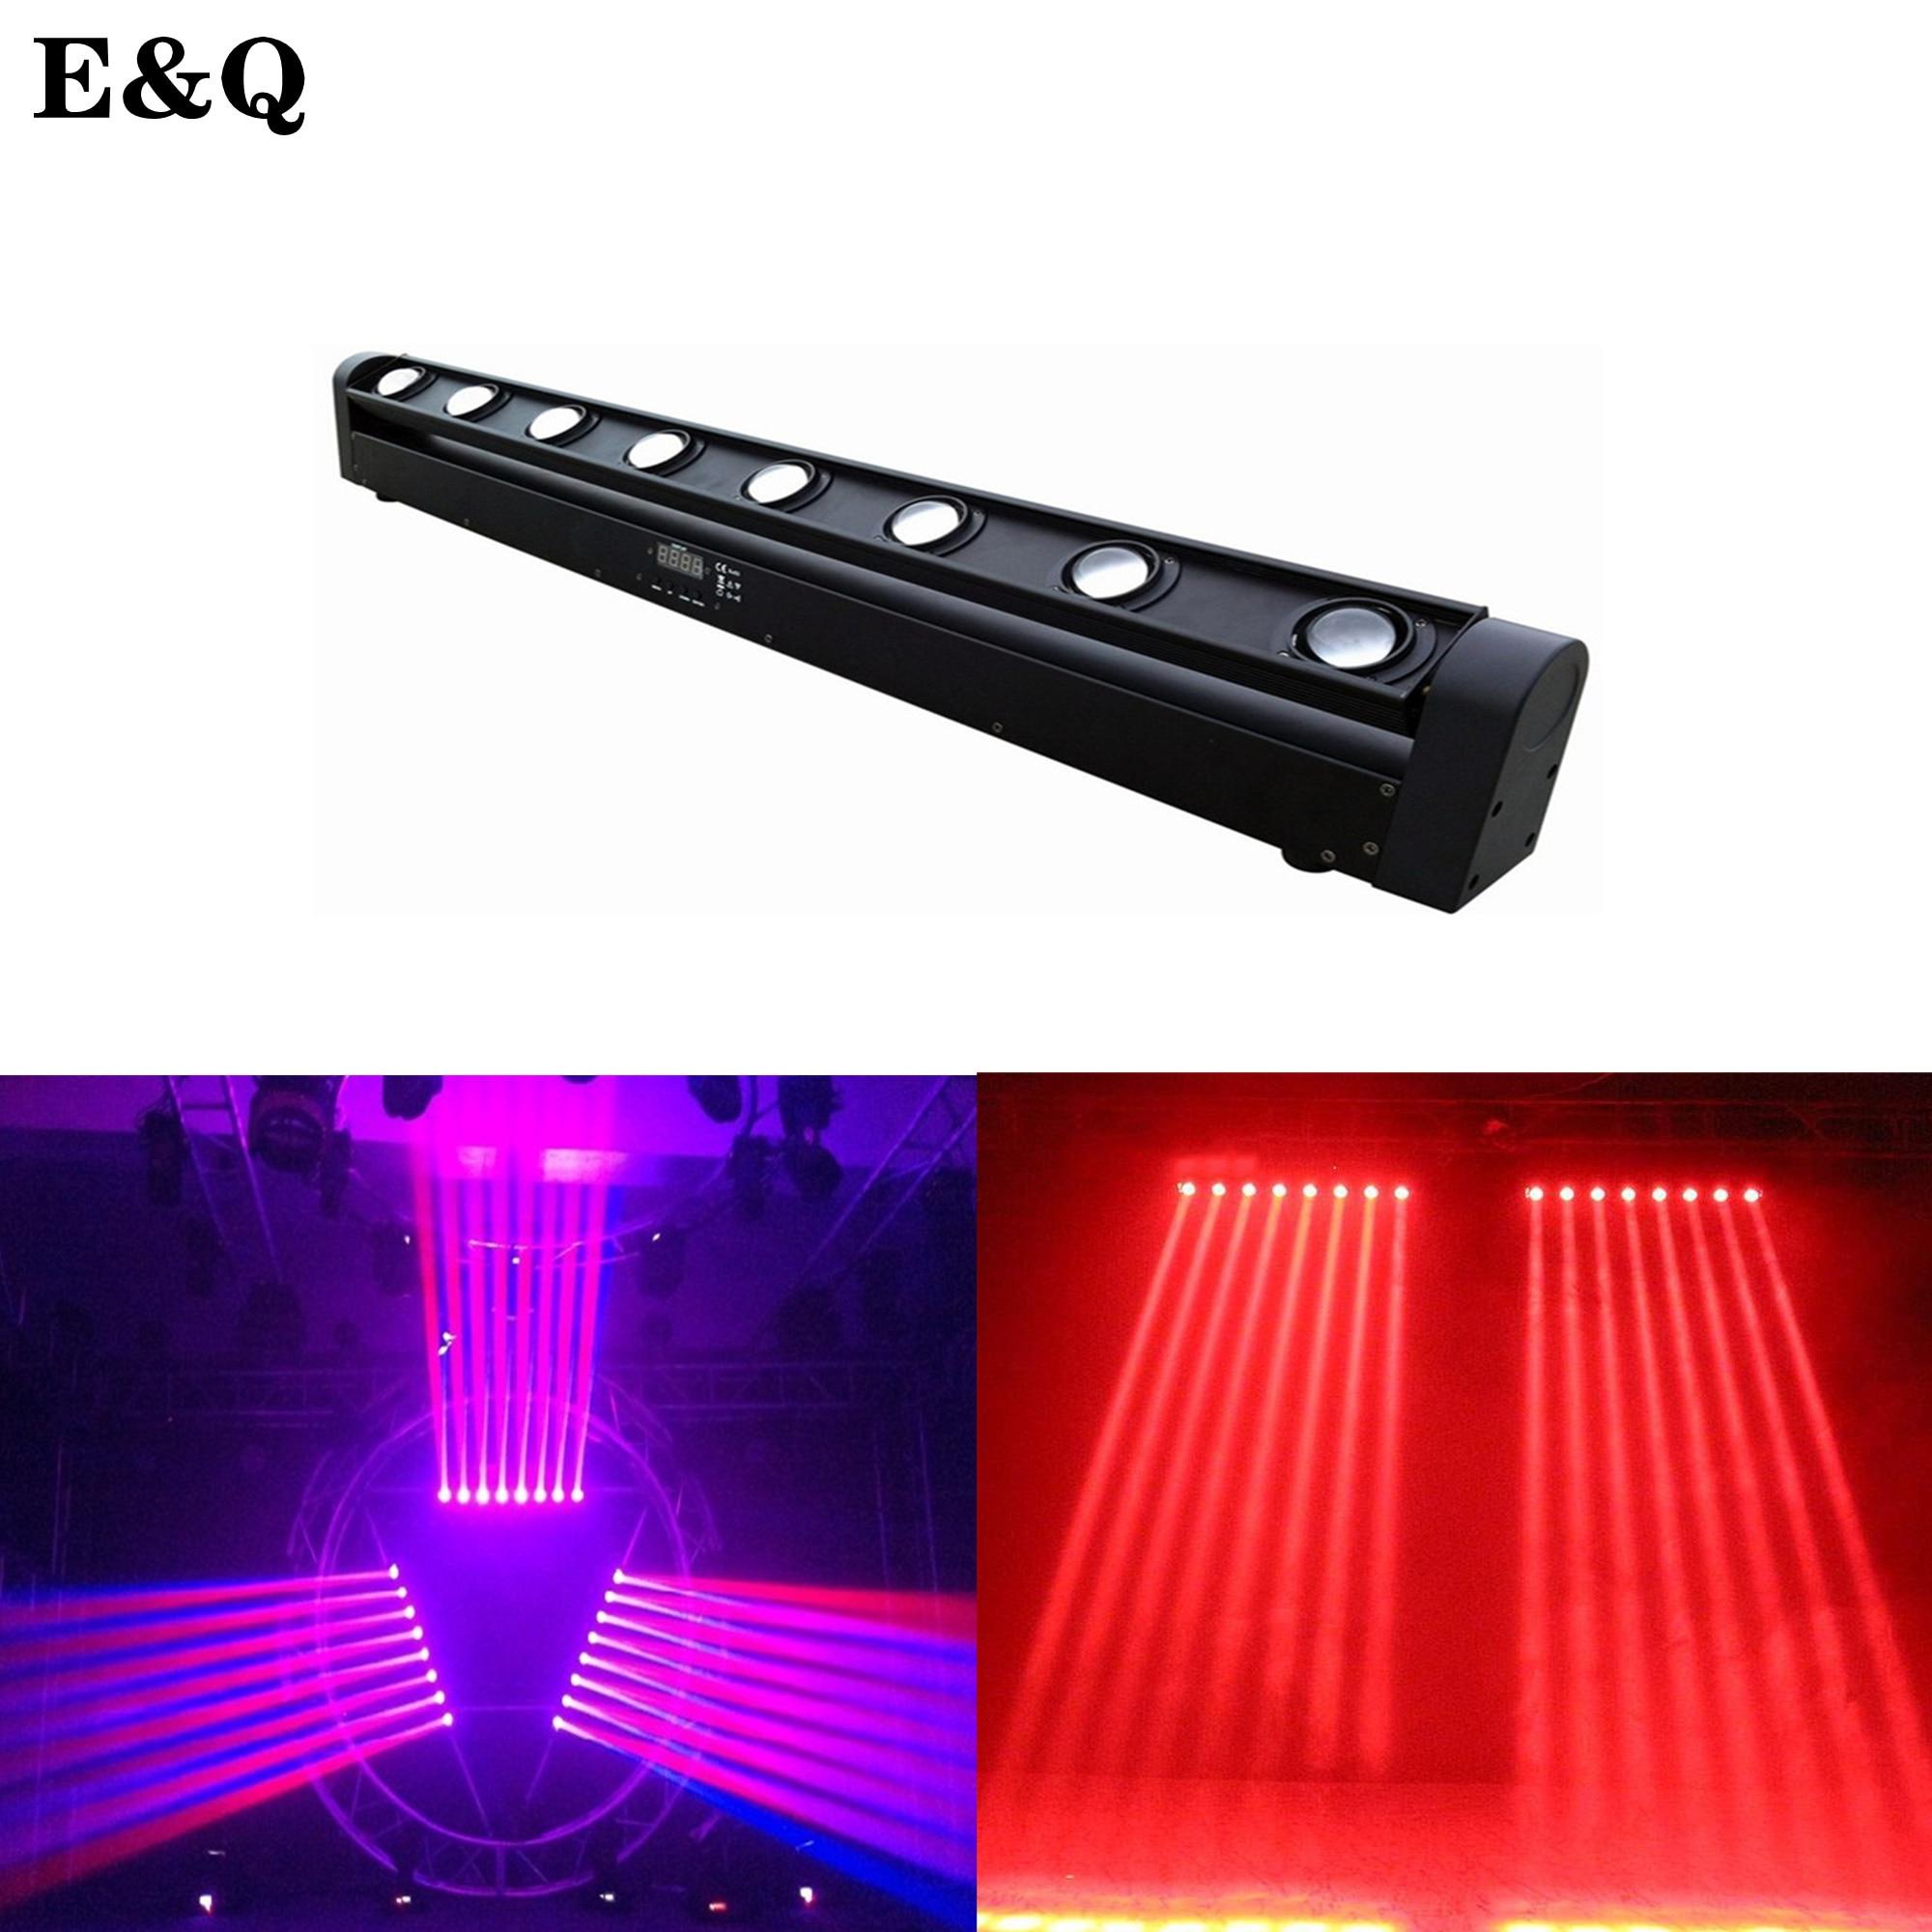 متعدد الألوان LED الإضاءة والشعاع المتحرك 8x12 واط RGBW ، تتحرك رئيس ضوء المرحلة ل Dj ومكان مع سطوع عالية